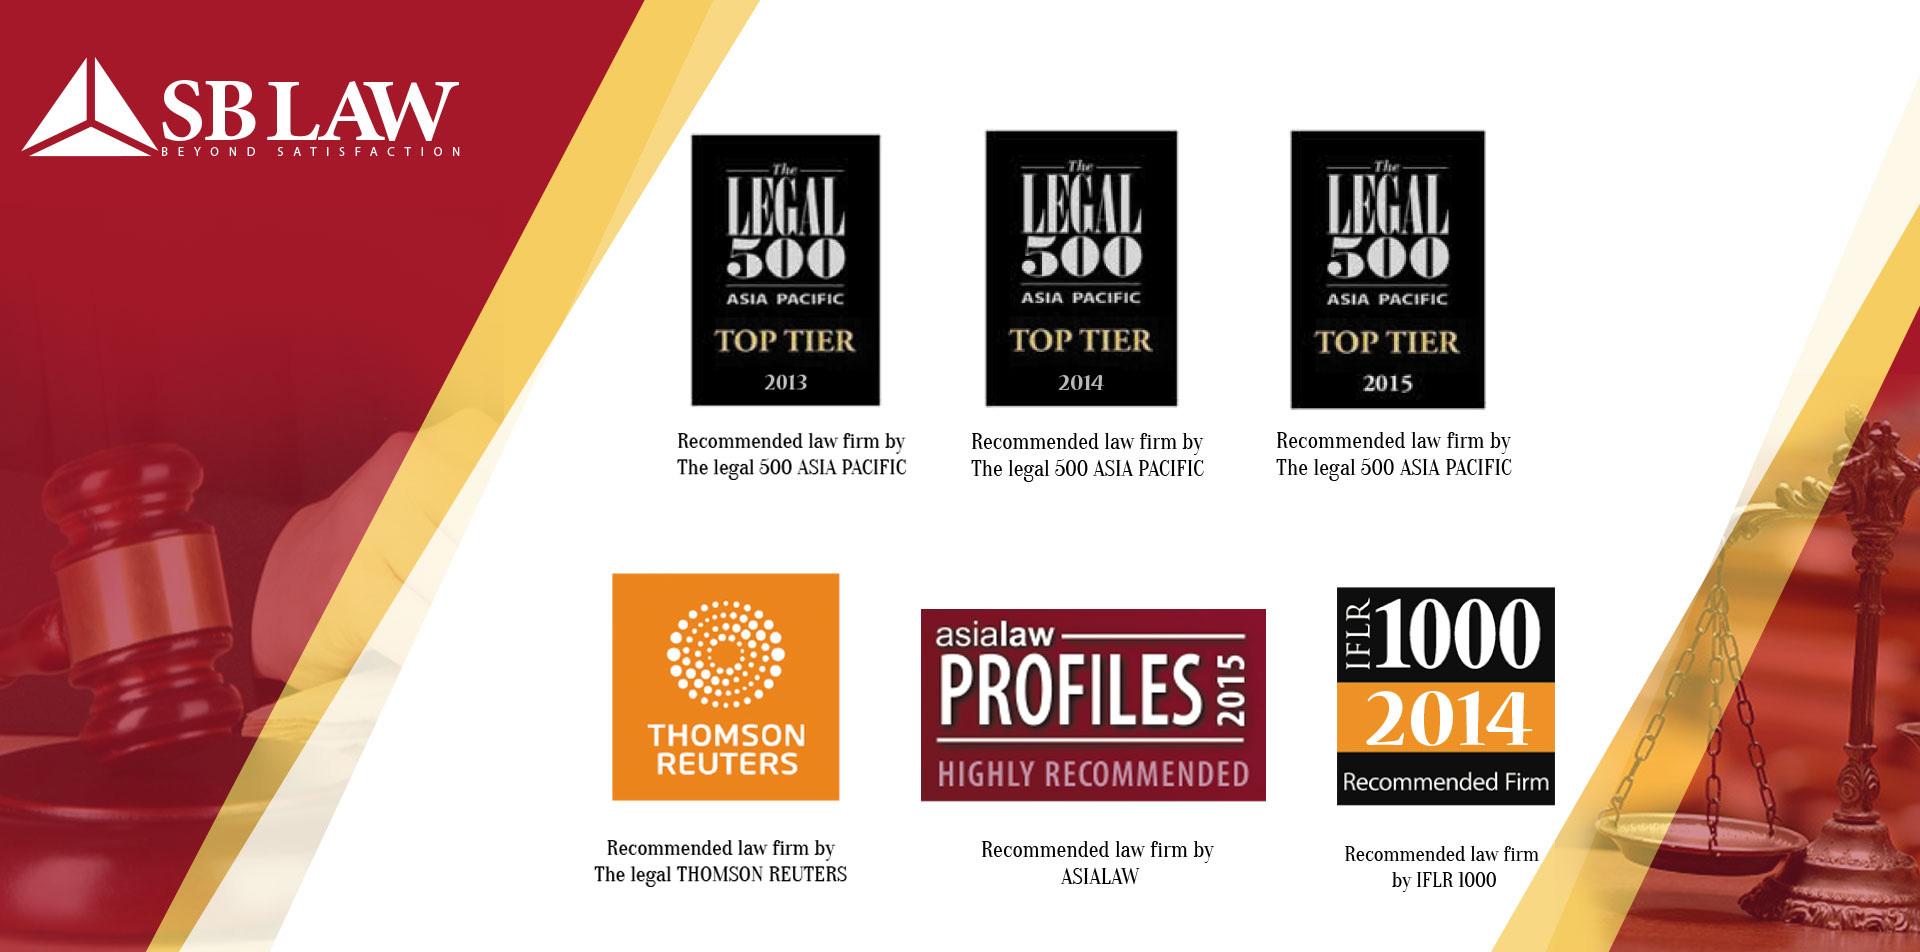 SBLAW nhận giải thưởng về tư vấn luật doanh nghiệp từ IFLR1000